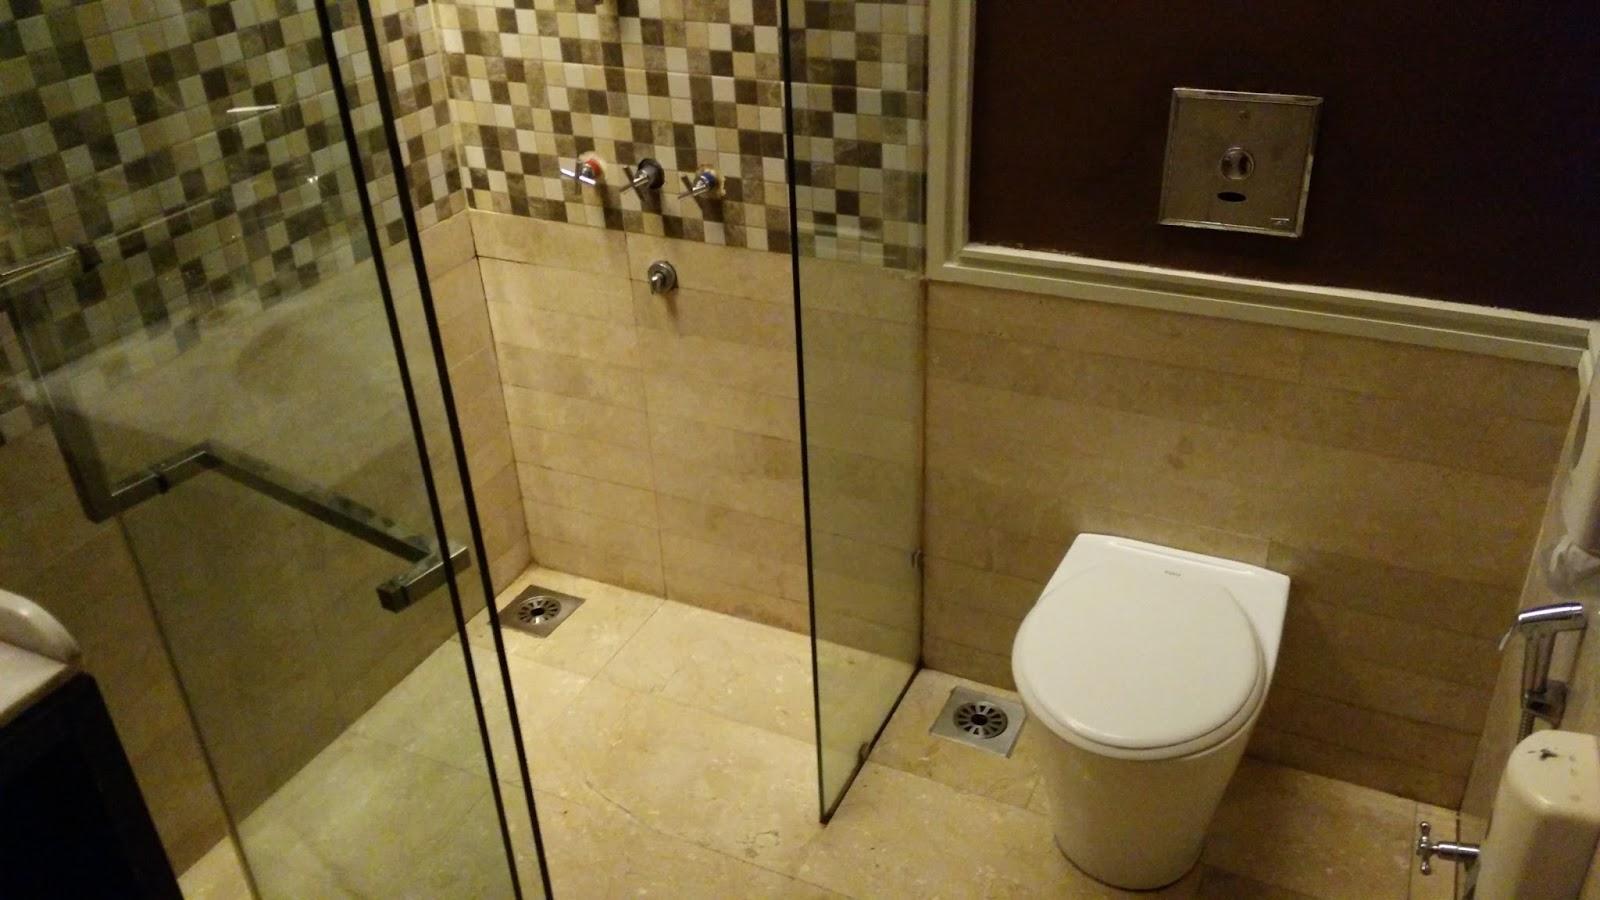 馬航雪邦國際機場貴賓室裡的廁所與浴室是在同一間,所以只是想上廁所也得等,這是設計上的失策。